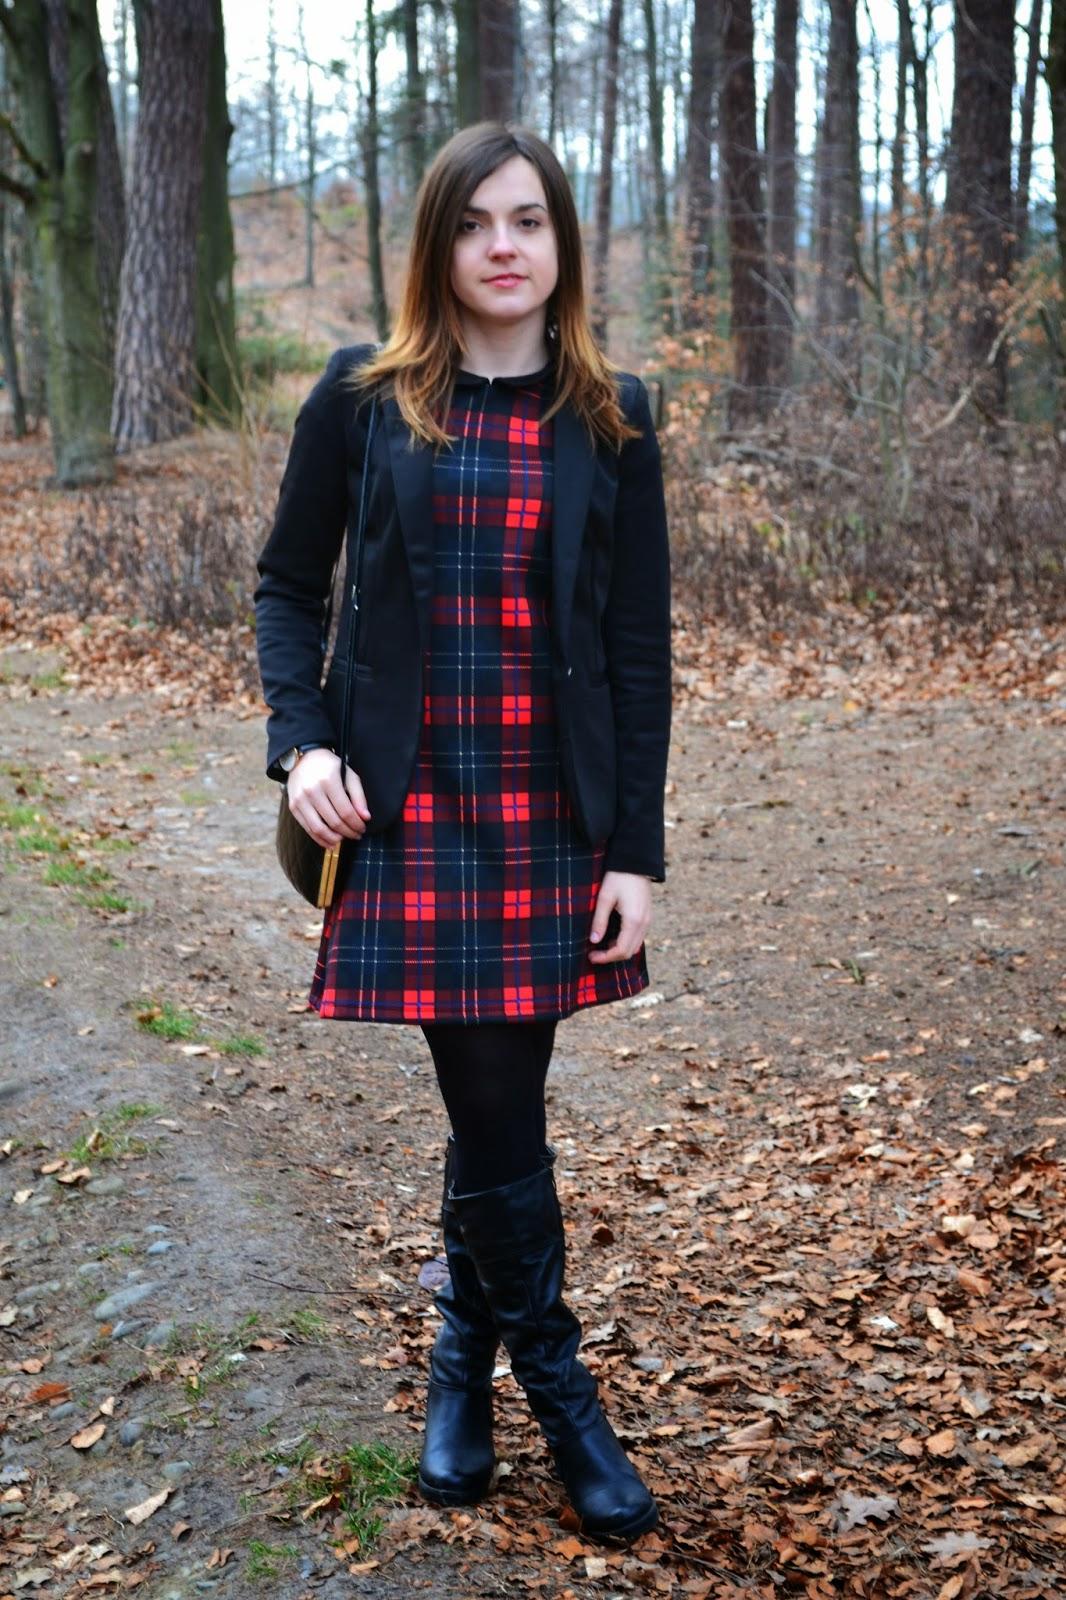 sukienka w kratkę, czerwona sukienka, sukienka z kołnierzykiem, elegancka stylizacja